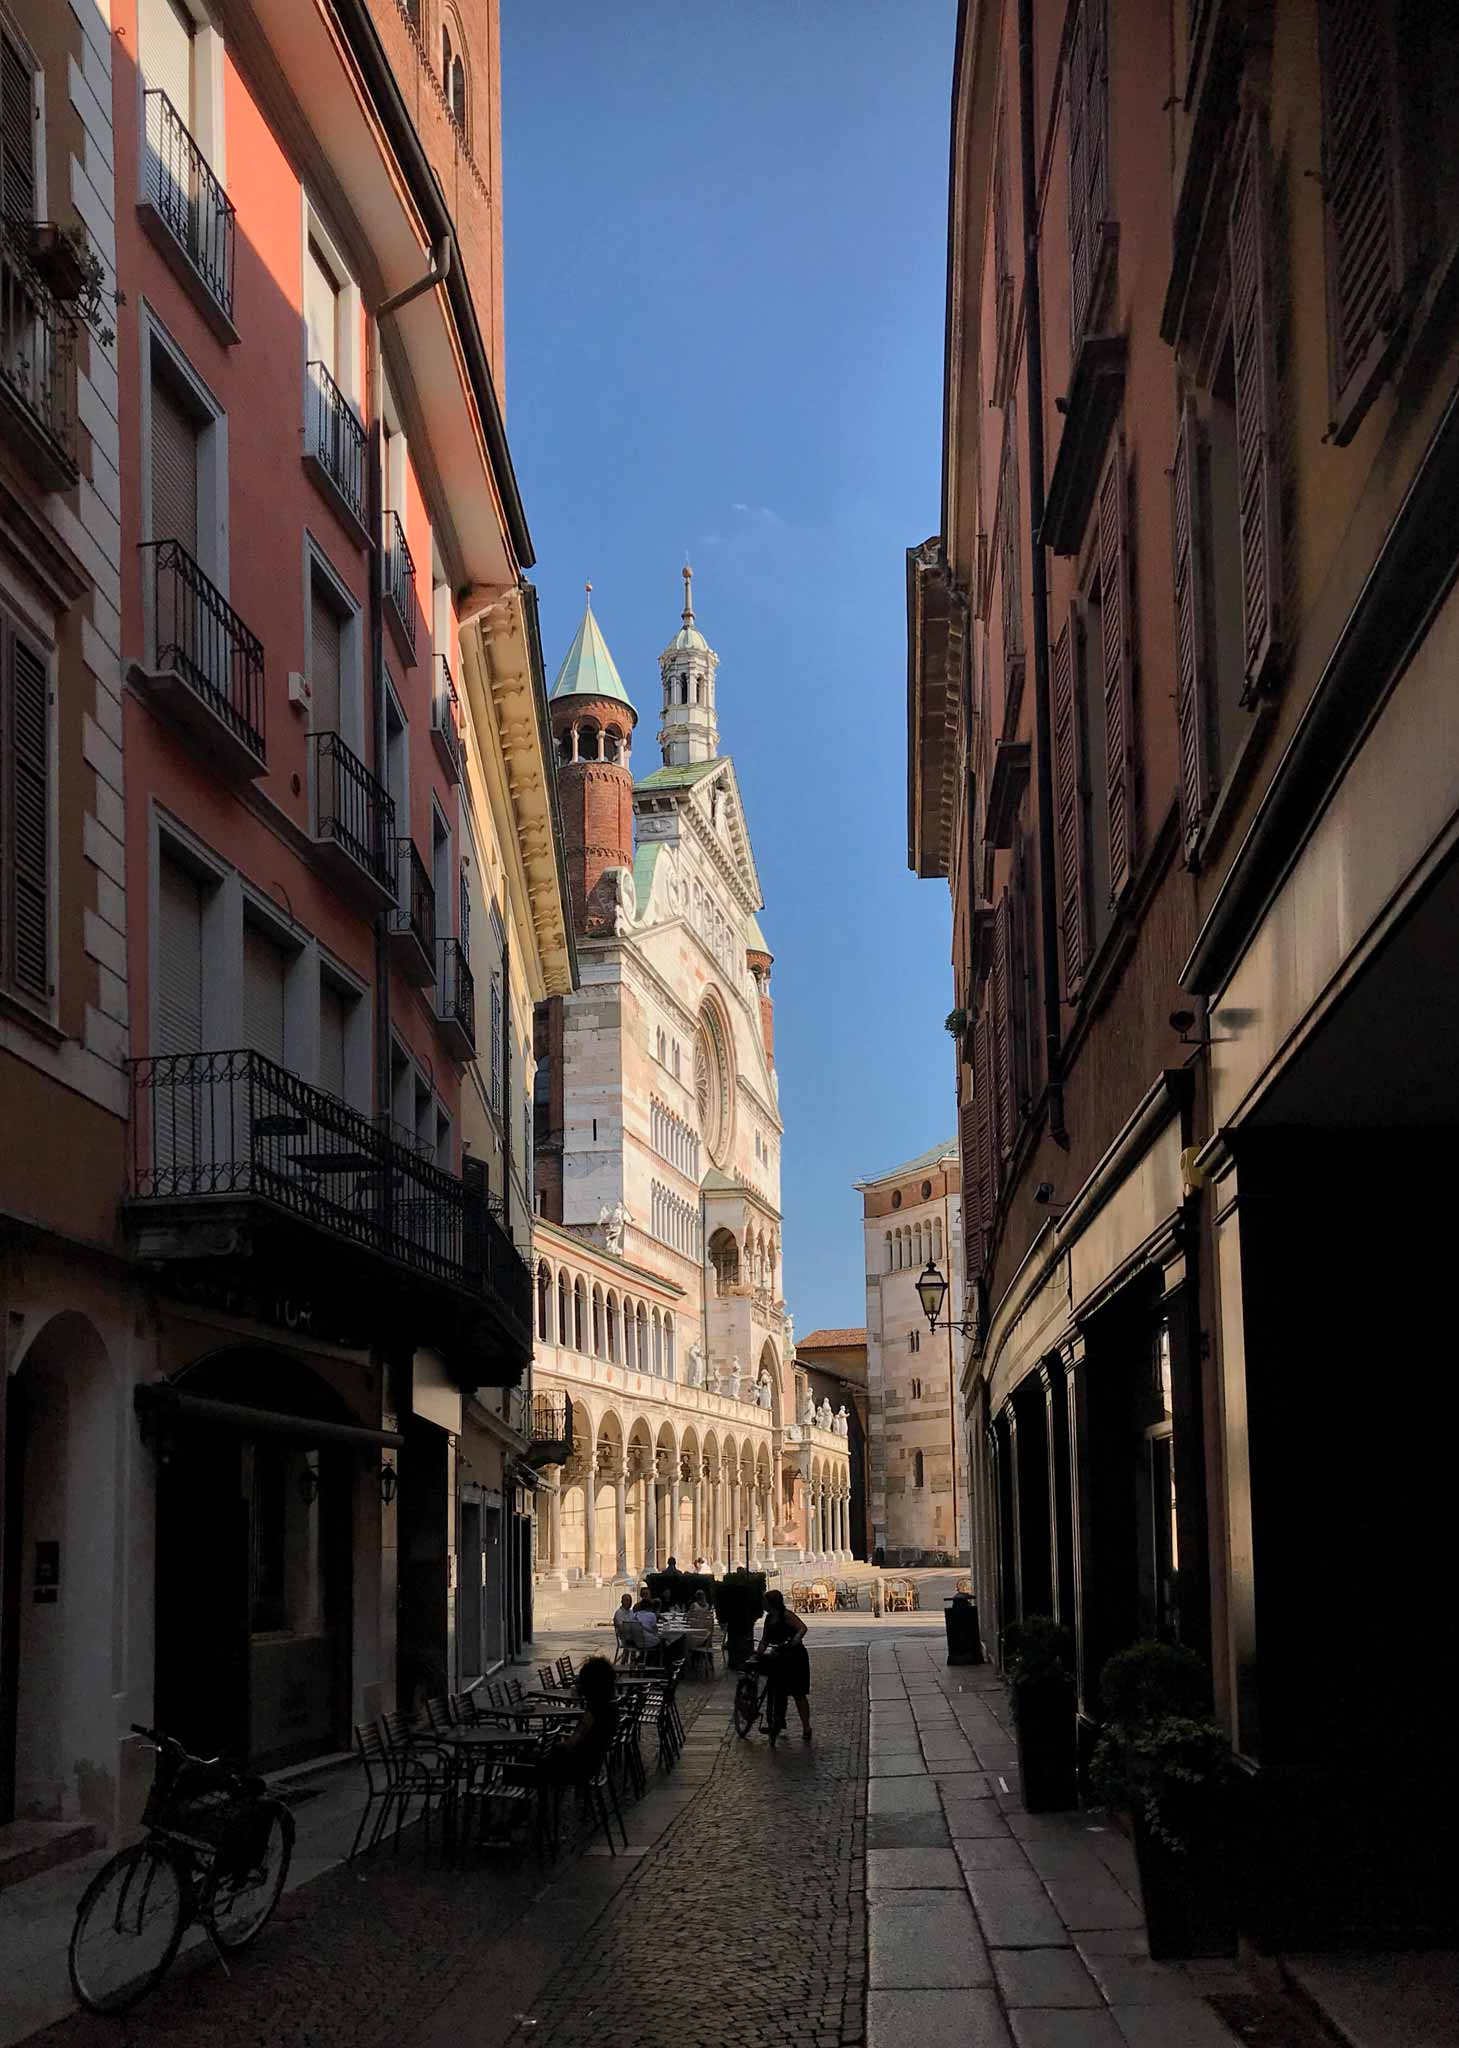 Cattedrale-di-Cremona-scorcio-palazzi-via-Torriani-cielo-azzurro